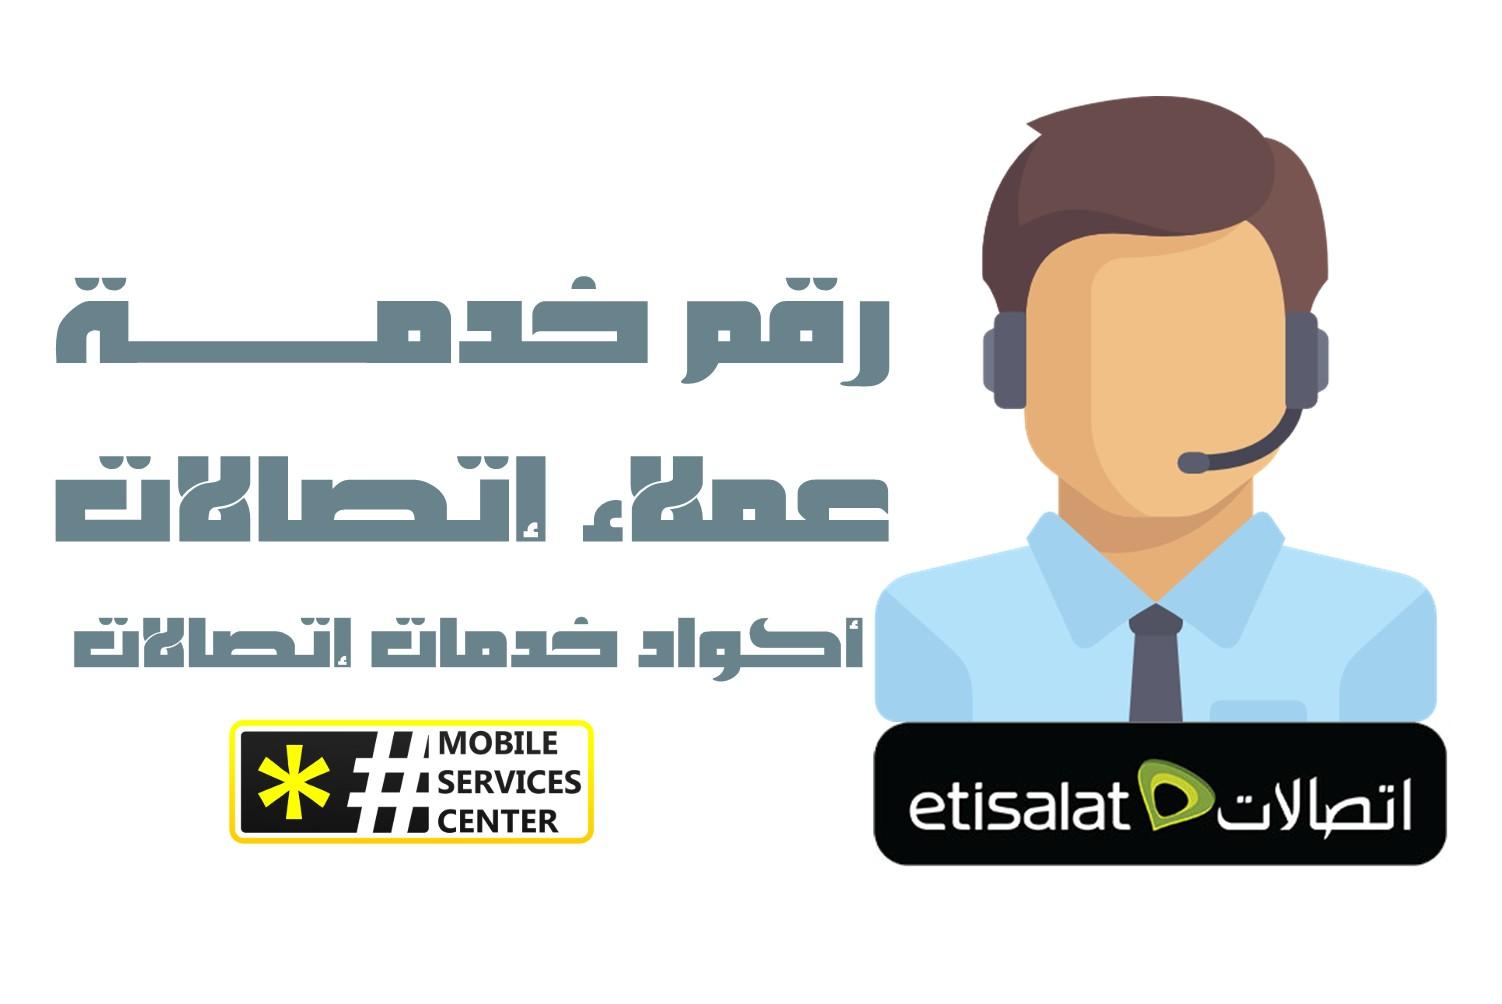 خدمة عملاء اتصالات مركز خدمات المحمول